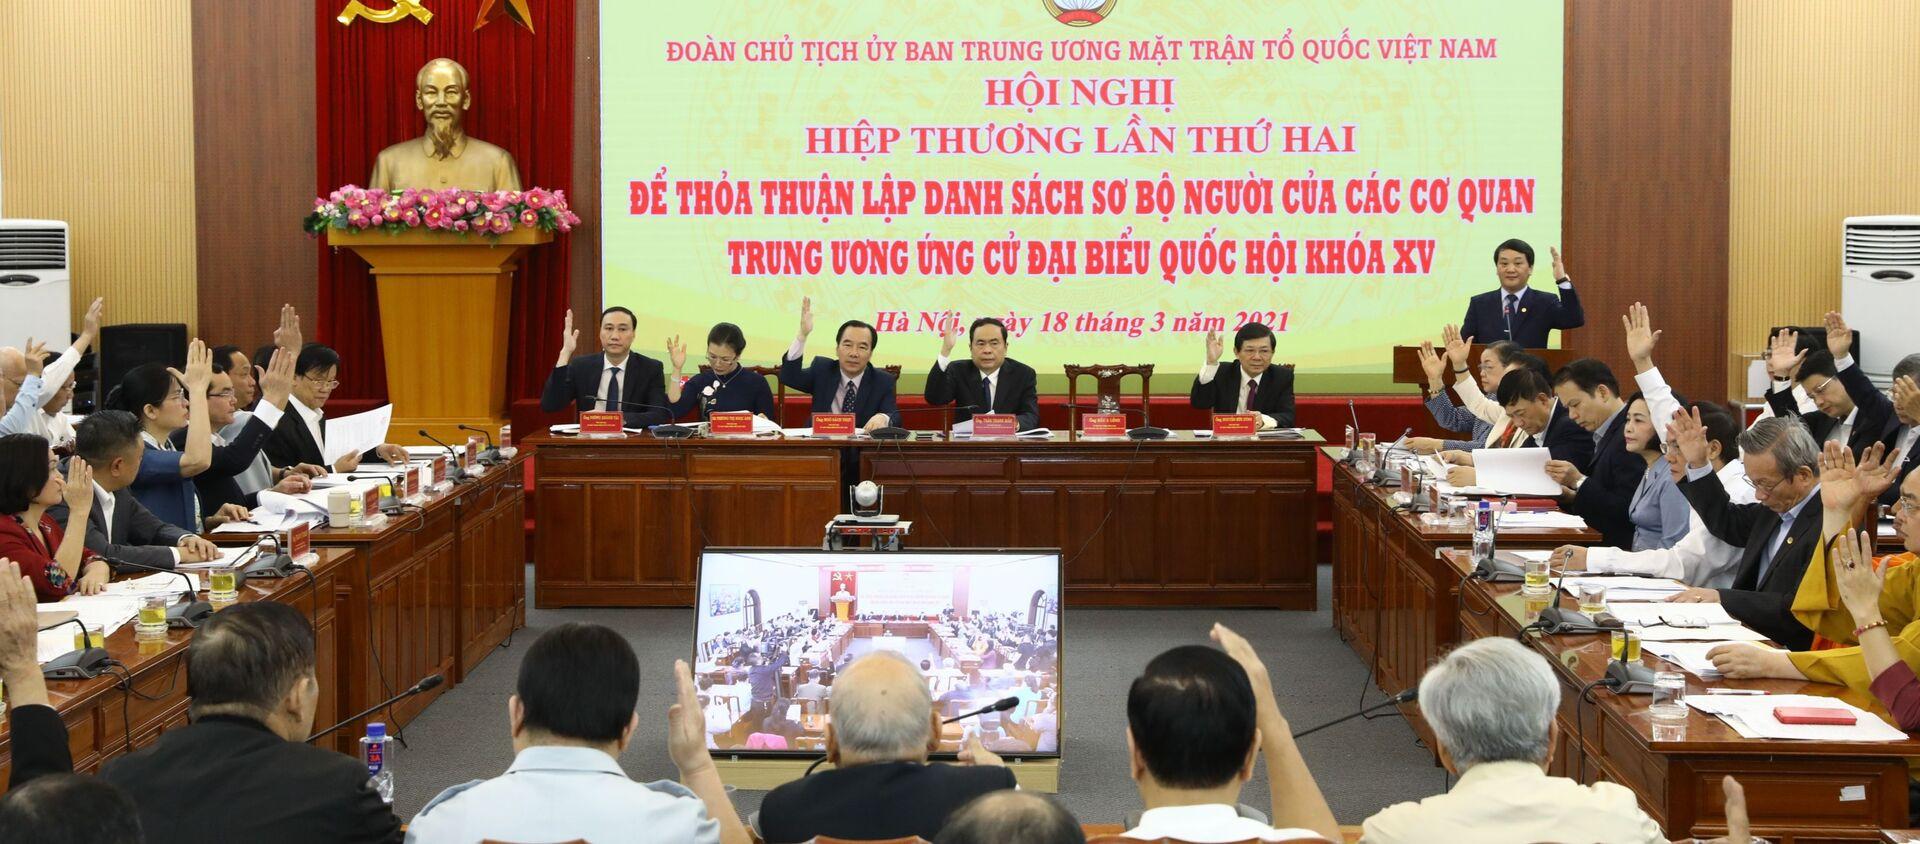 Các đại biểu biểu quyết tại Hội nghị. - Sputnik Việt Nam, 1920, 18.03.2021